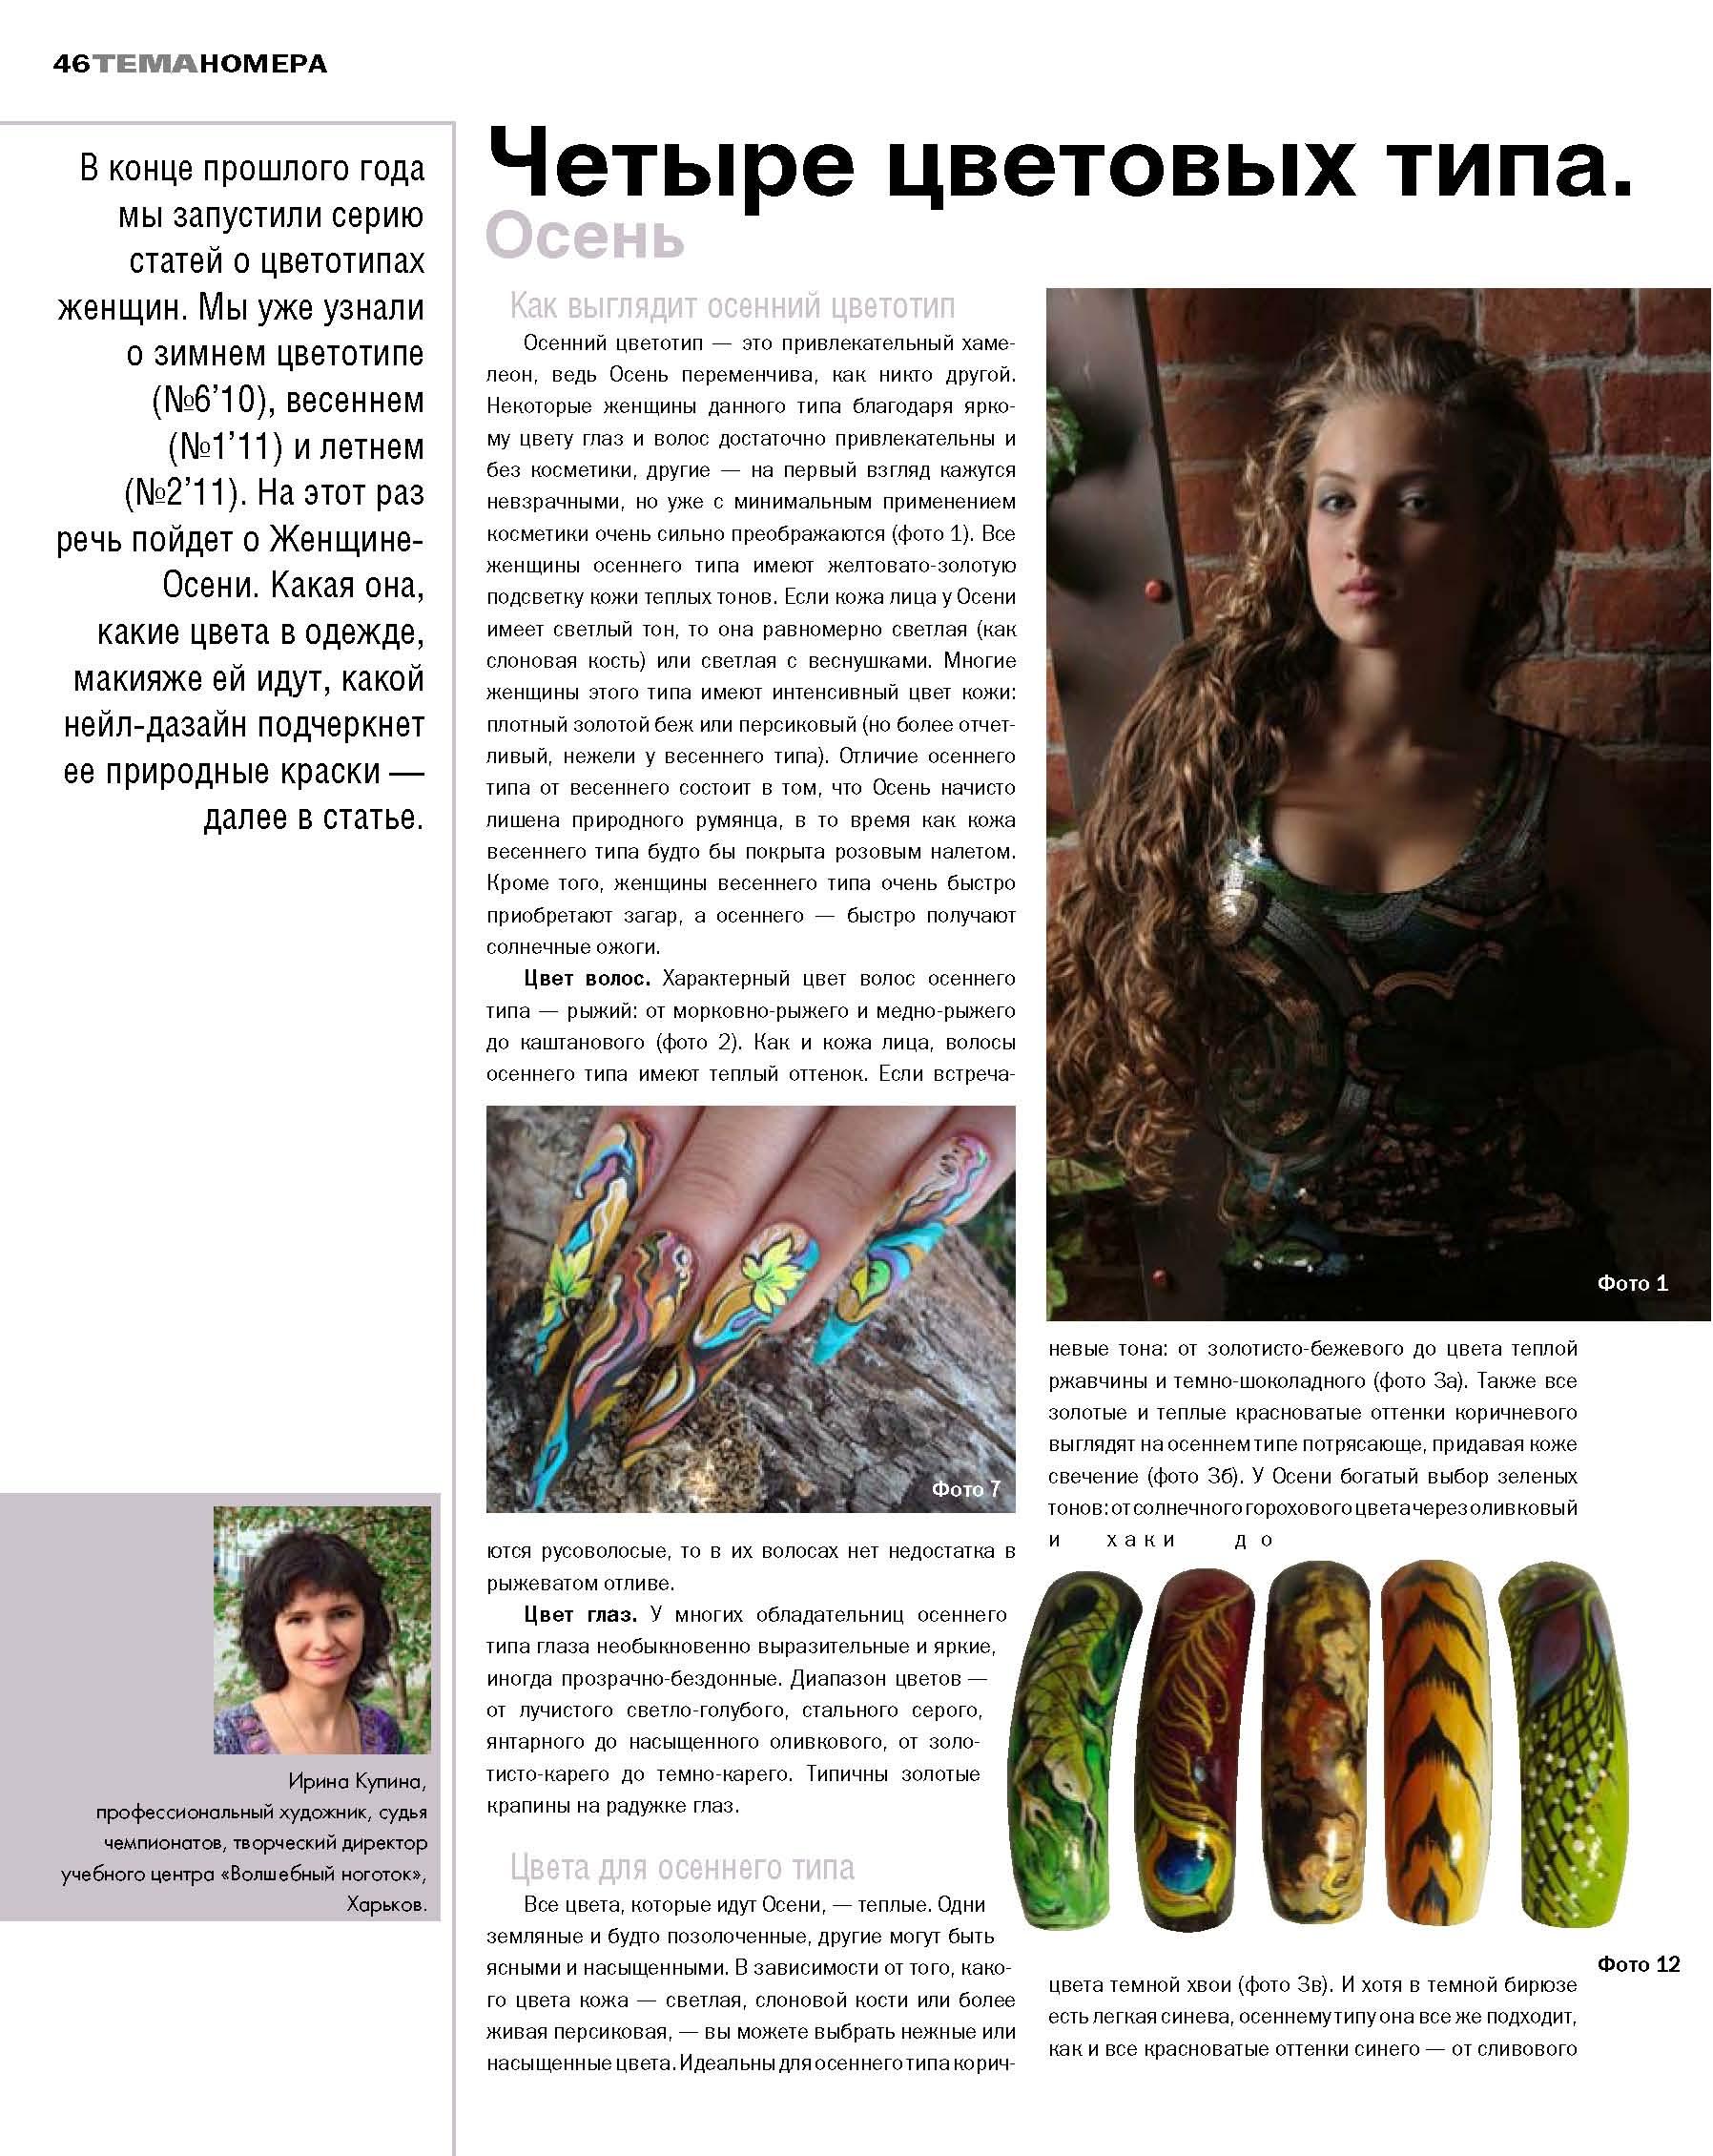 Серия из четырёх публикаций  Четыре цветовых типа женщины в журнале Nail ПРАКТИКА - ОСЕНЬ